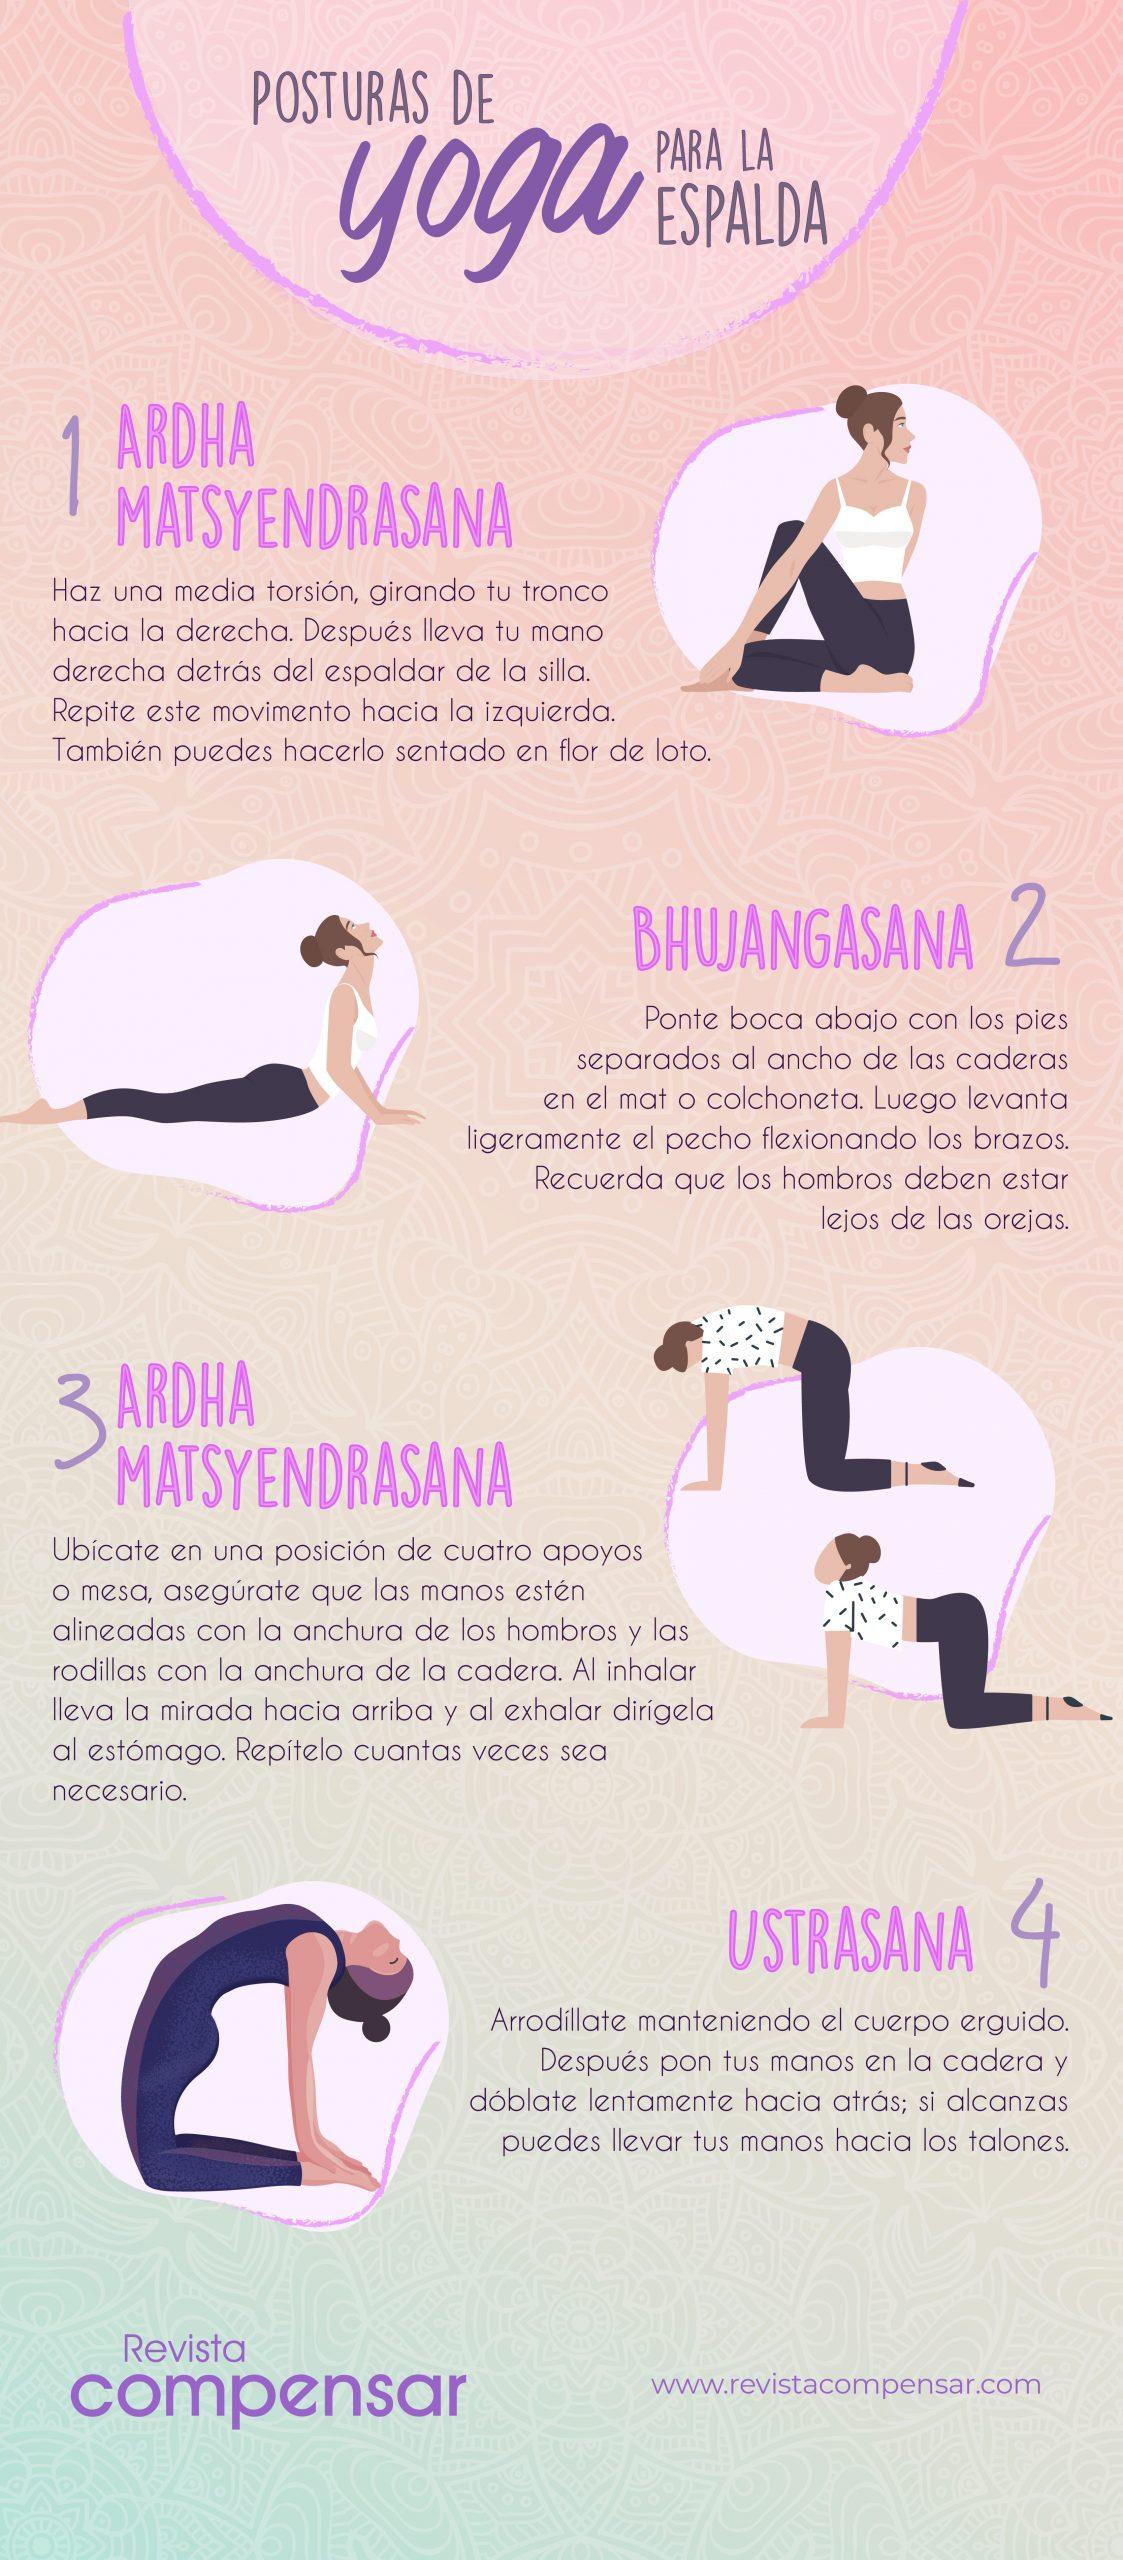 Posturas de yoga para la espalda